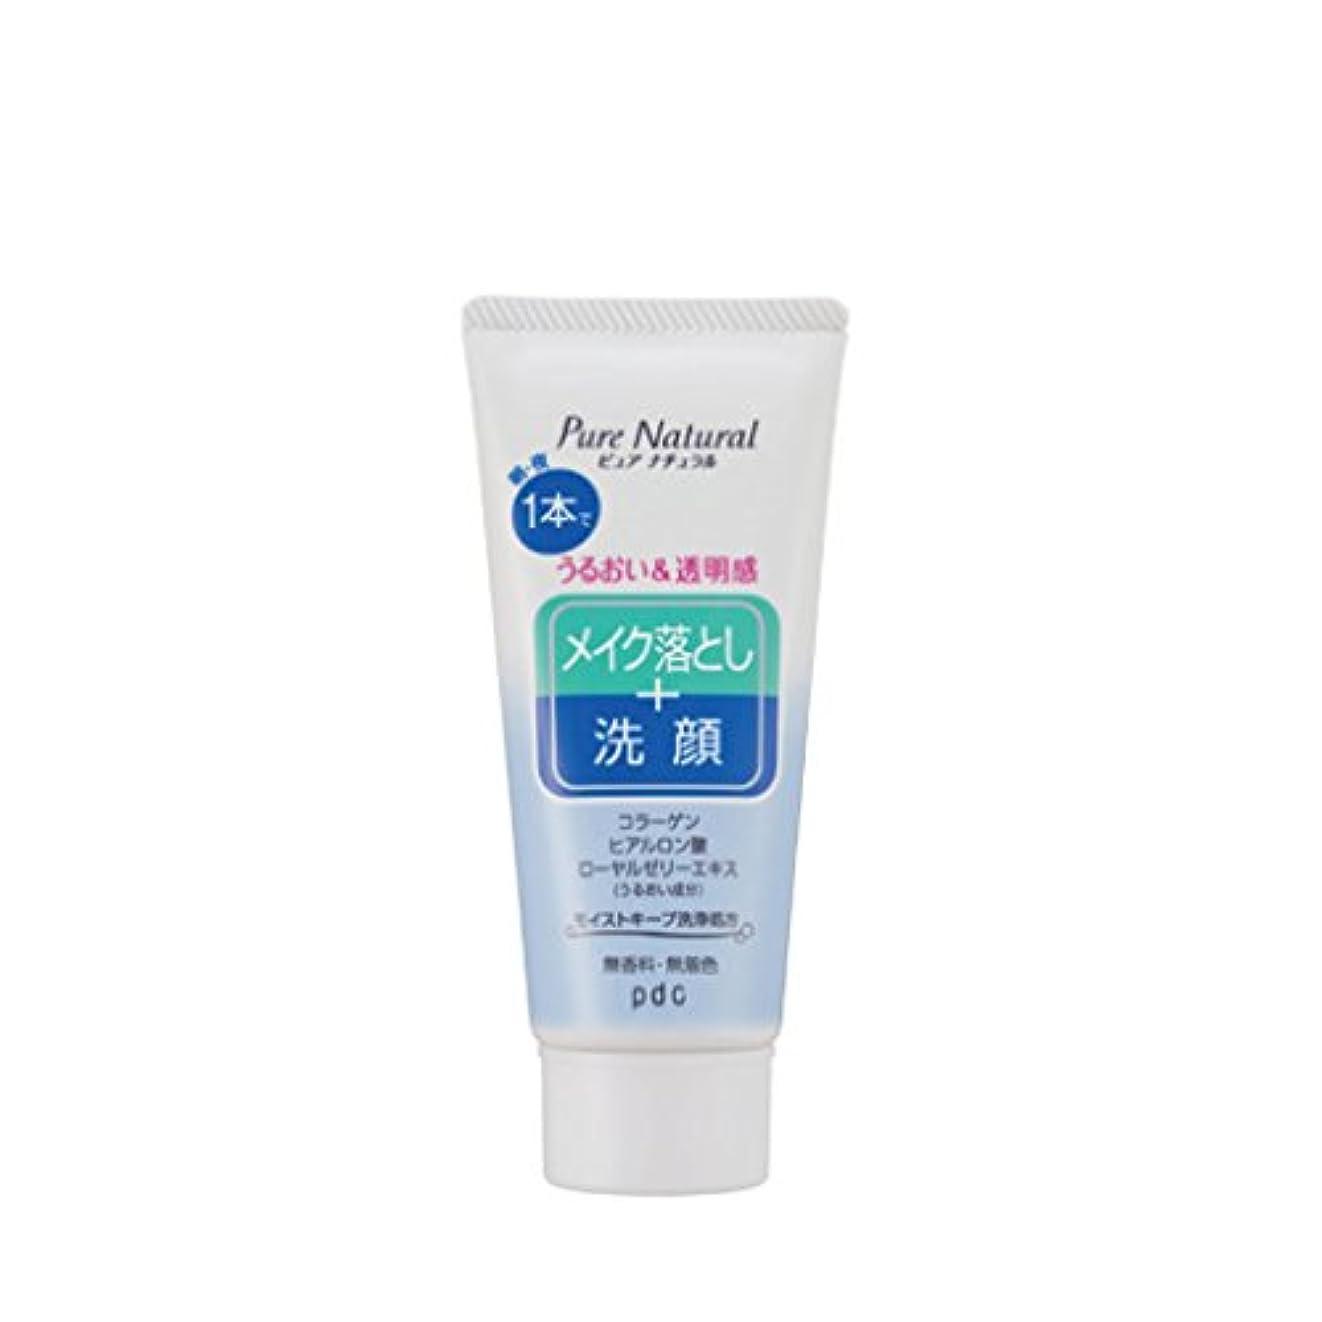 地中海にもかかわらず開始Pure NATURAL(ピュアナチュラル) クレンジング洗顔 (ミニサイズ) 70g